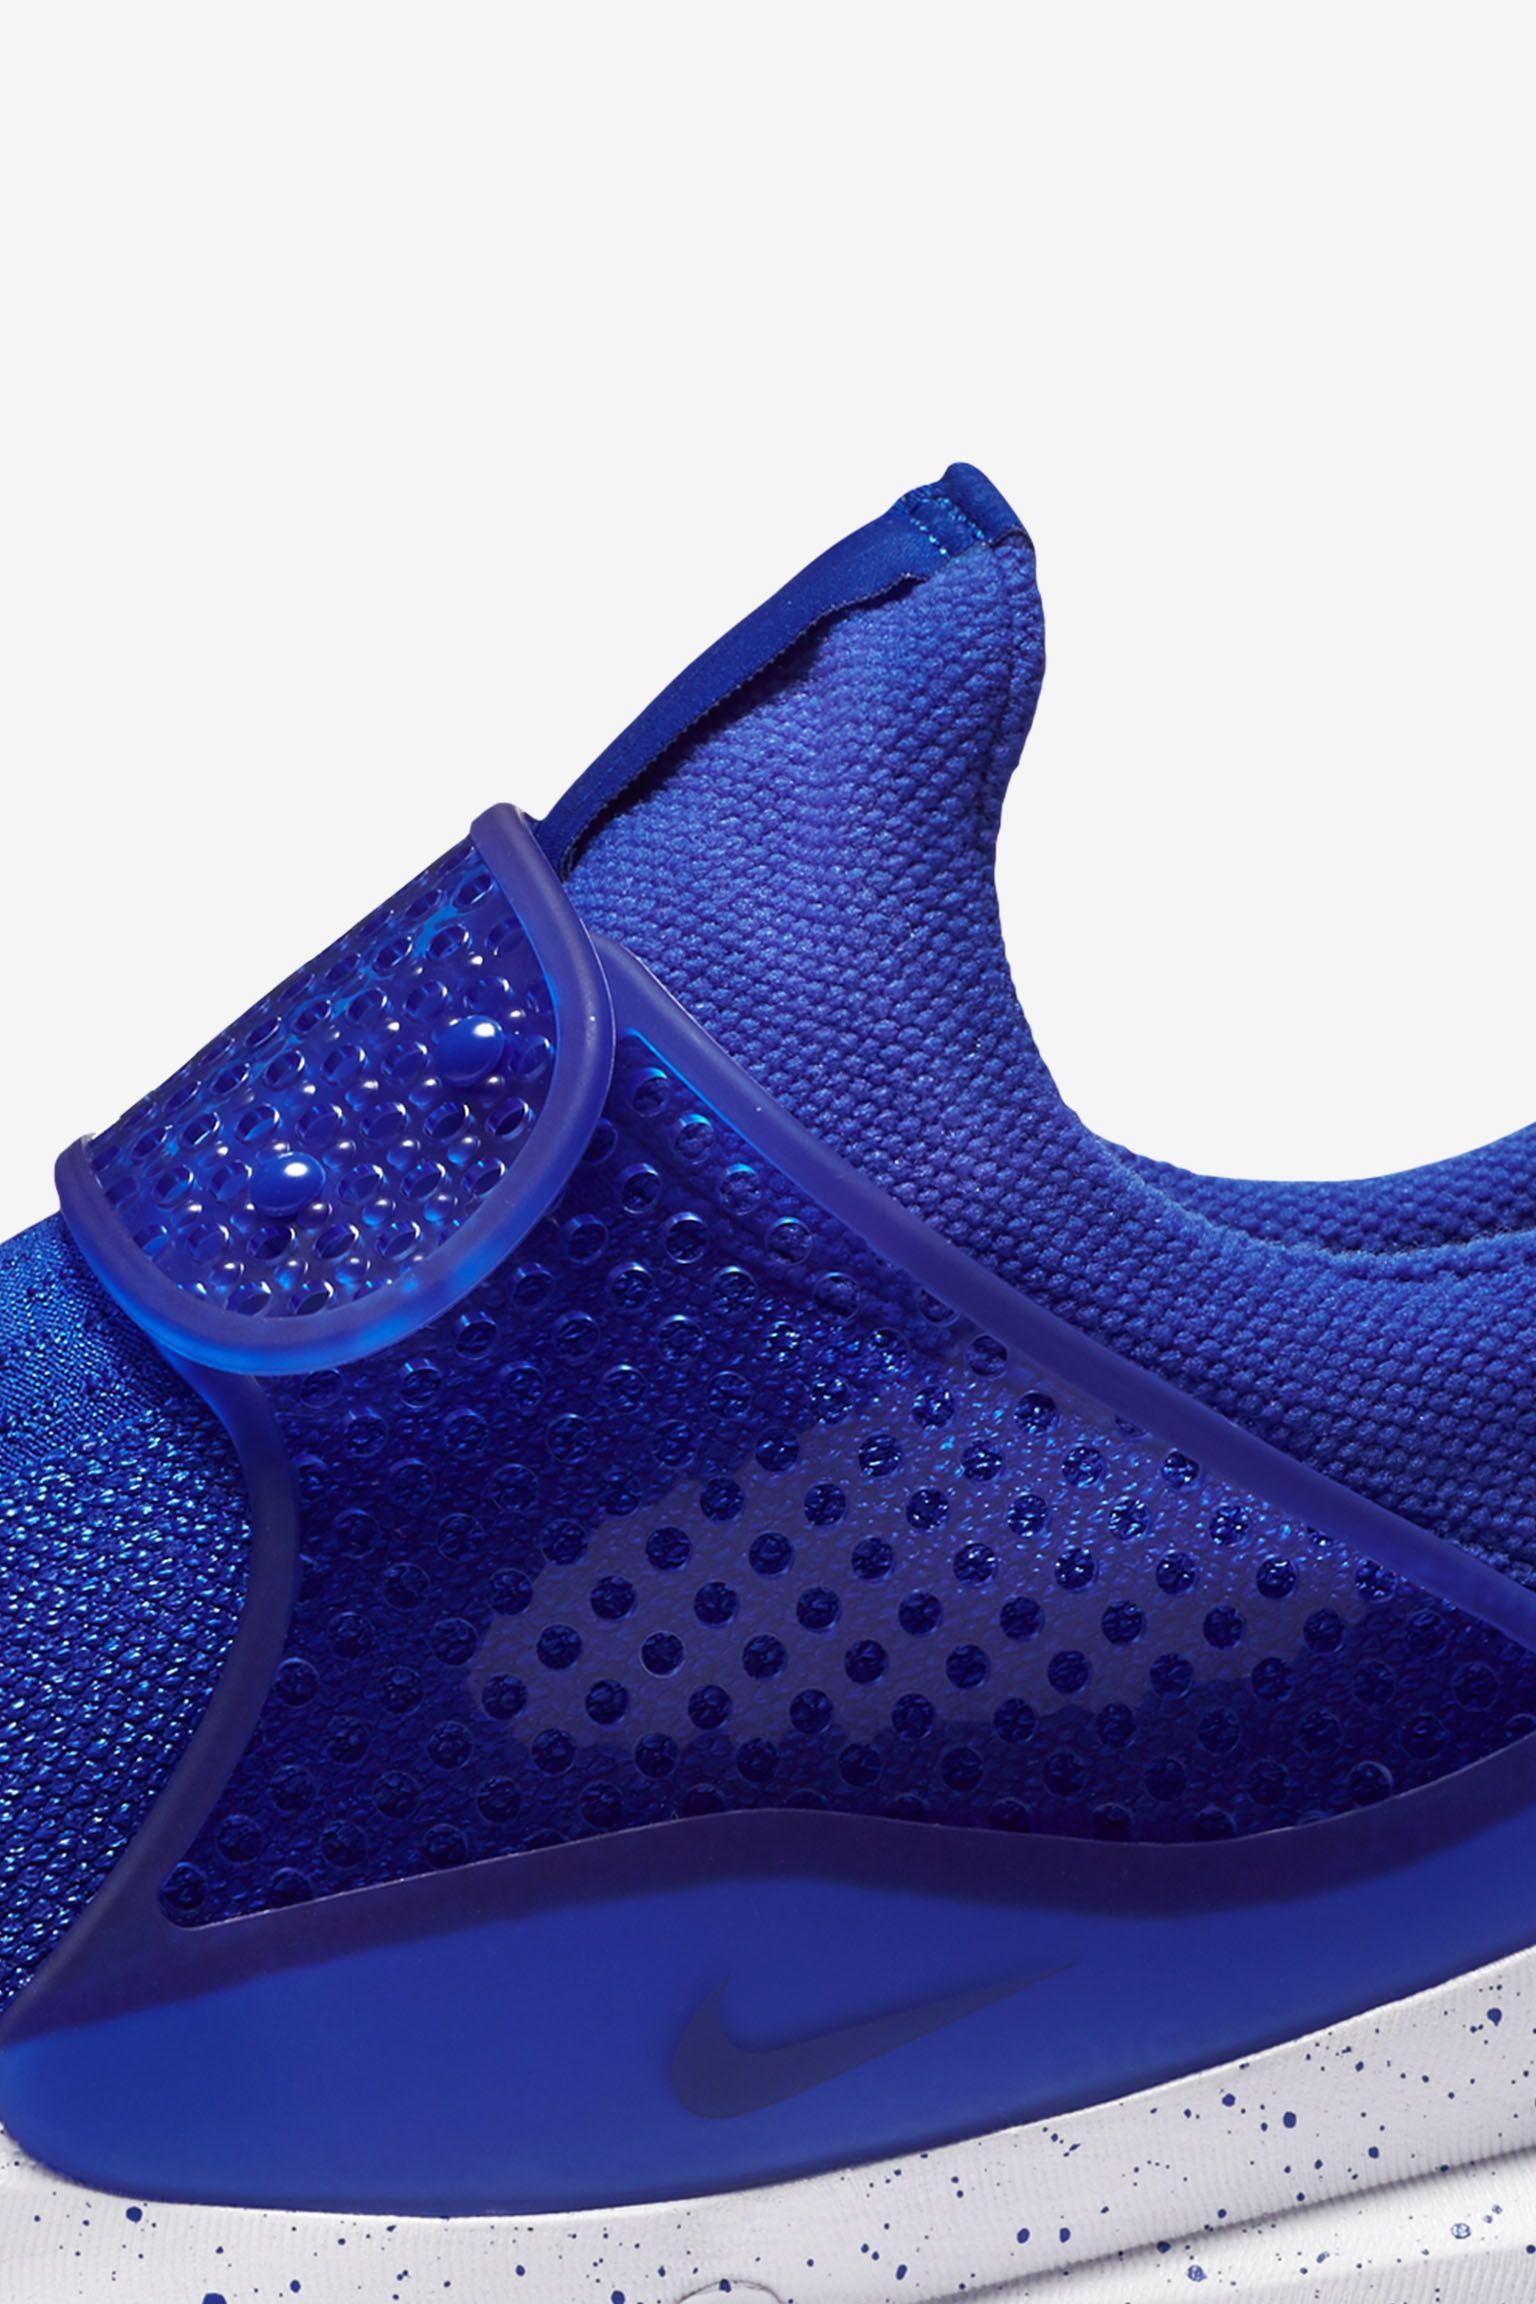 Nike Sock Dart 'Racer Blue'